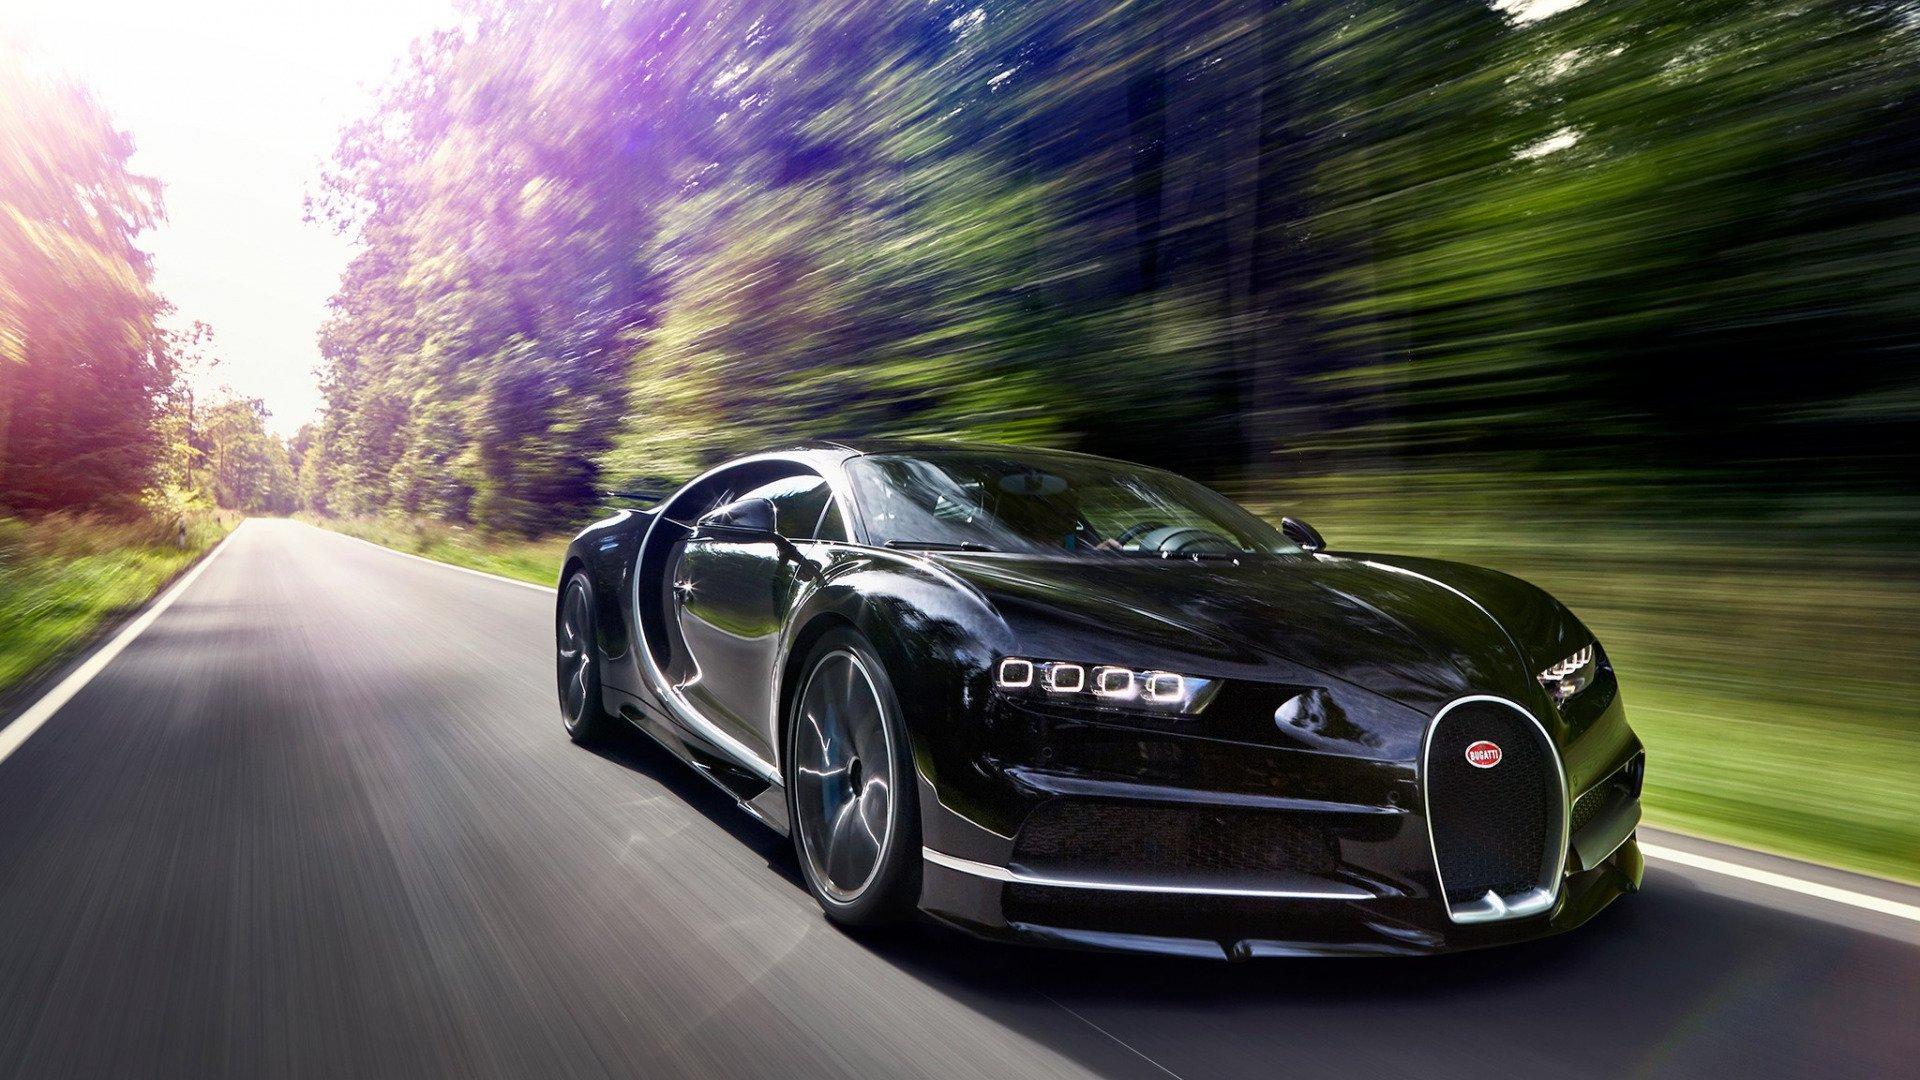 Bugatti 1080p Wallpaper